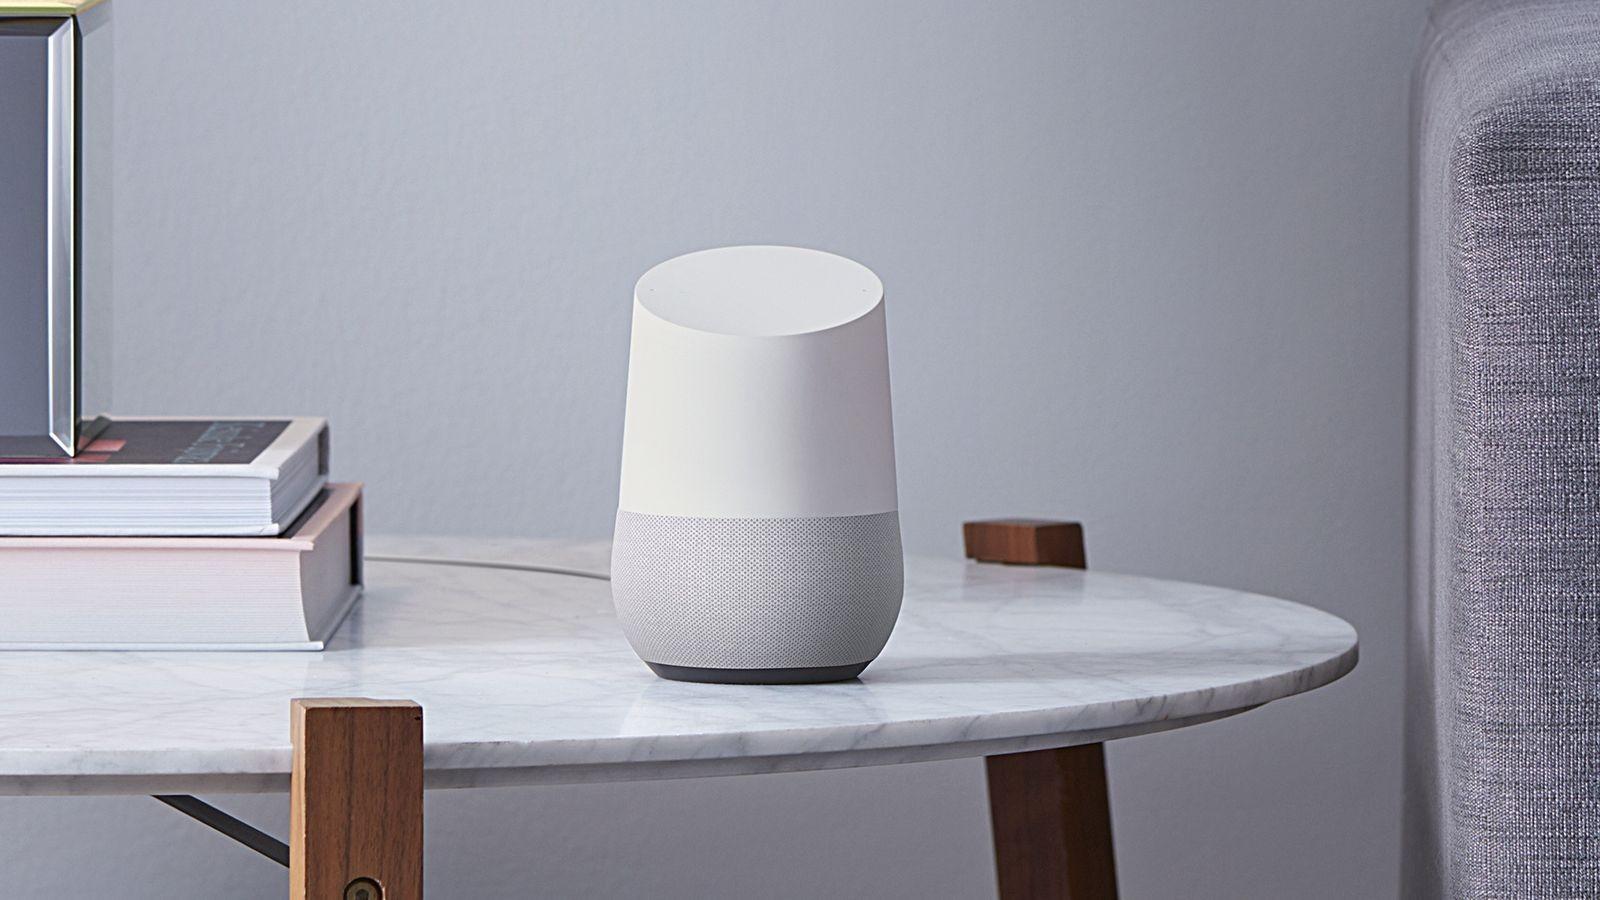 Caixa de som permite comandar o lar apenas com a voz (Foto: divulgação)